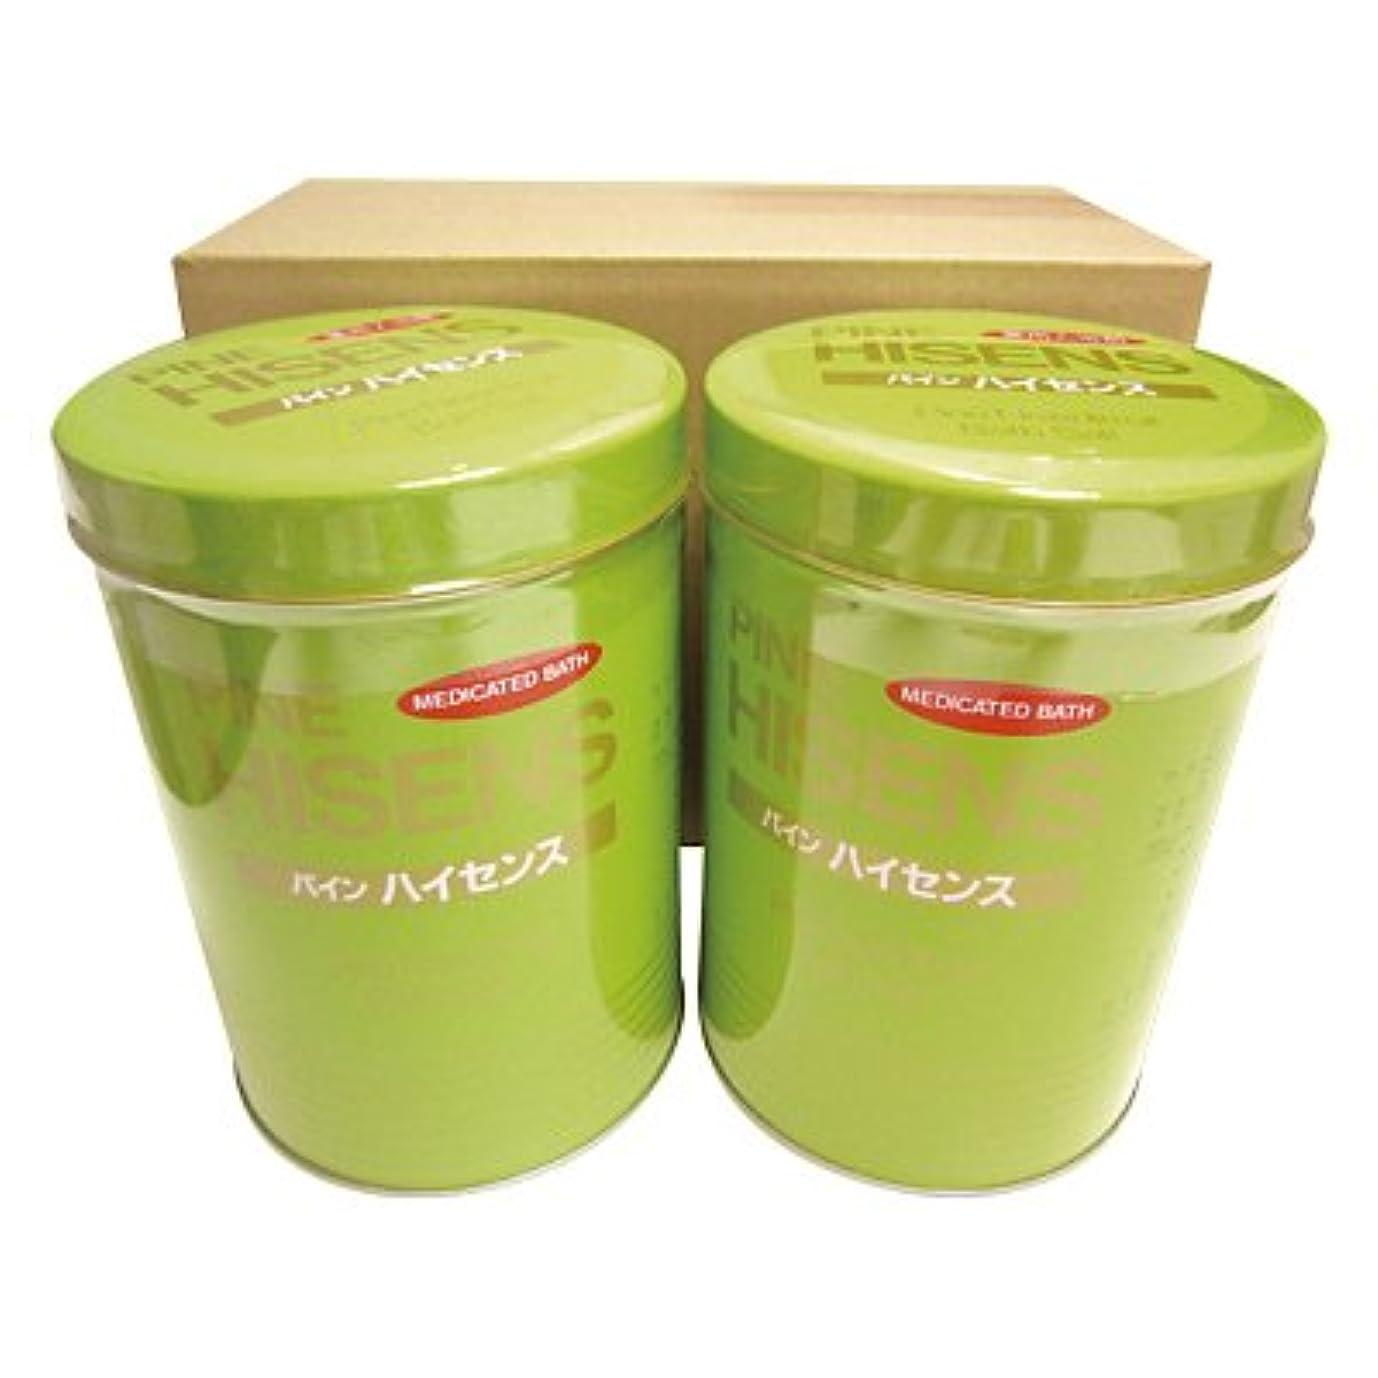 雇用者足首写真撮影高陽社 薬用入浴剤 パインハイセンス 2.1kg 2缶セット